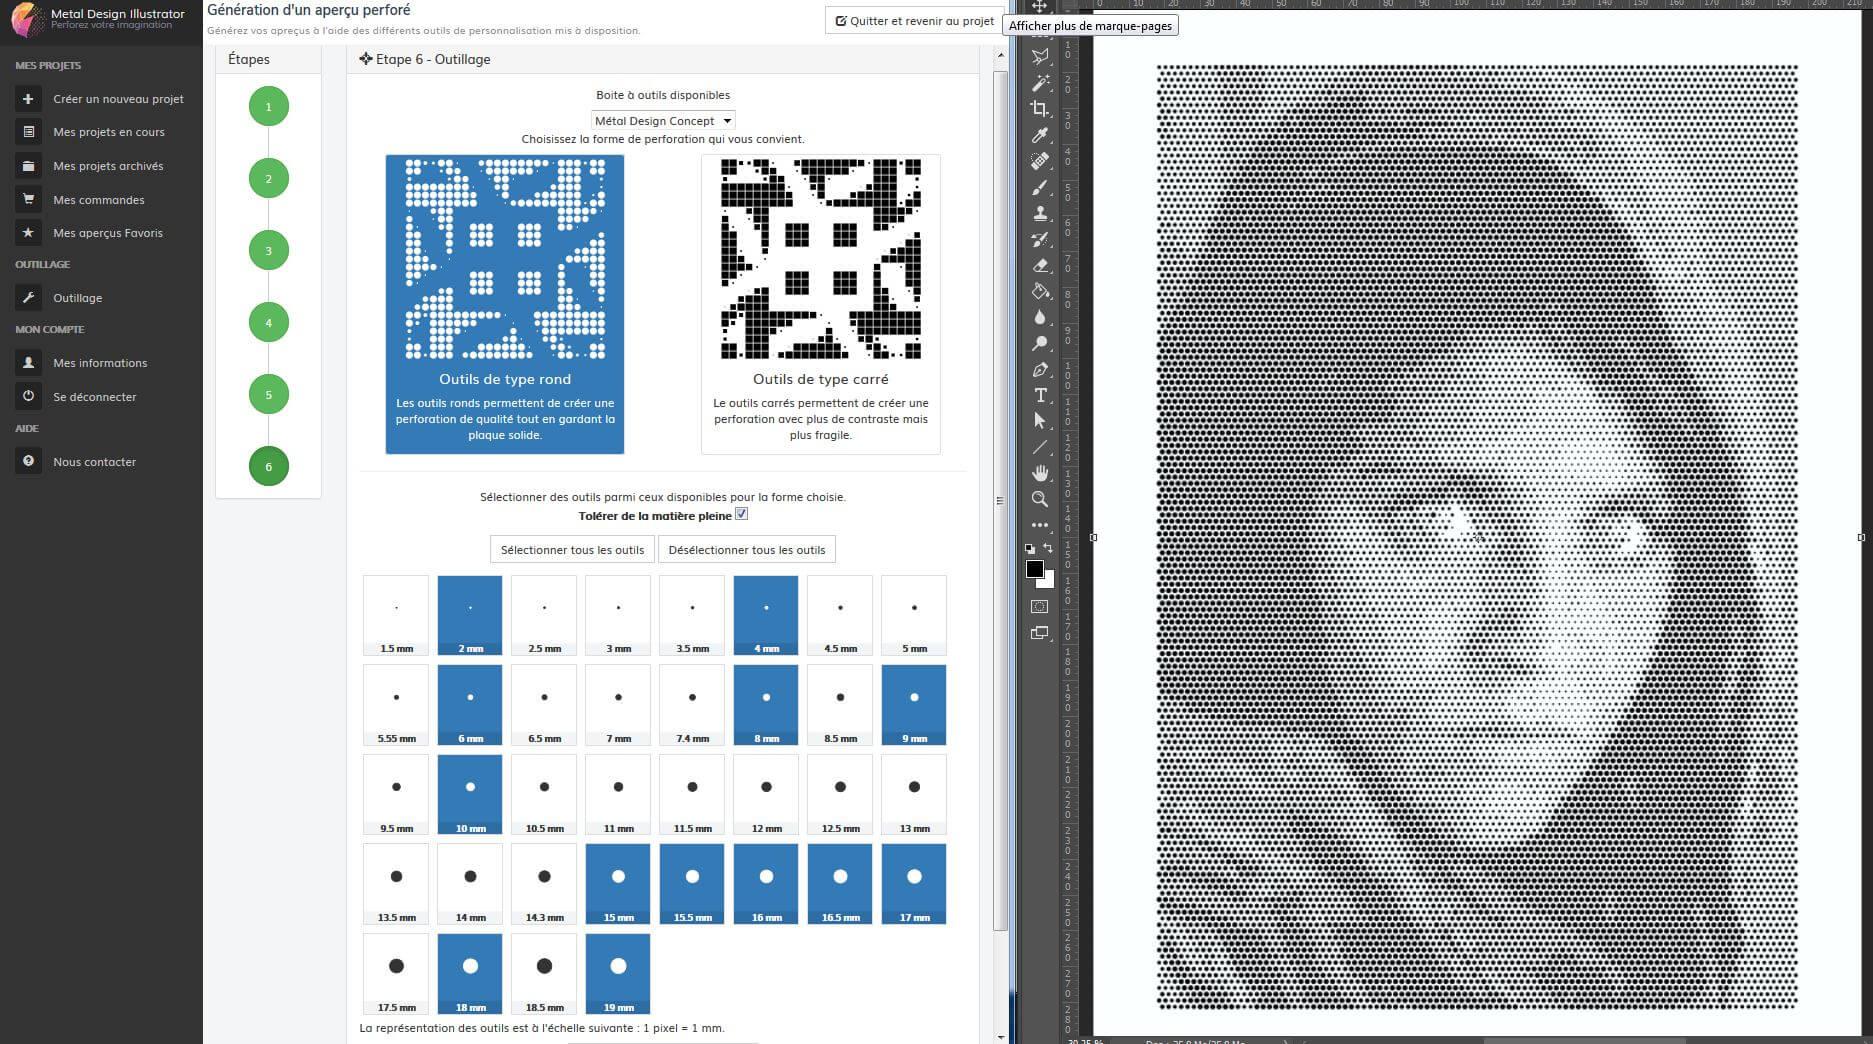 logiciel de perforation pour tole decorative